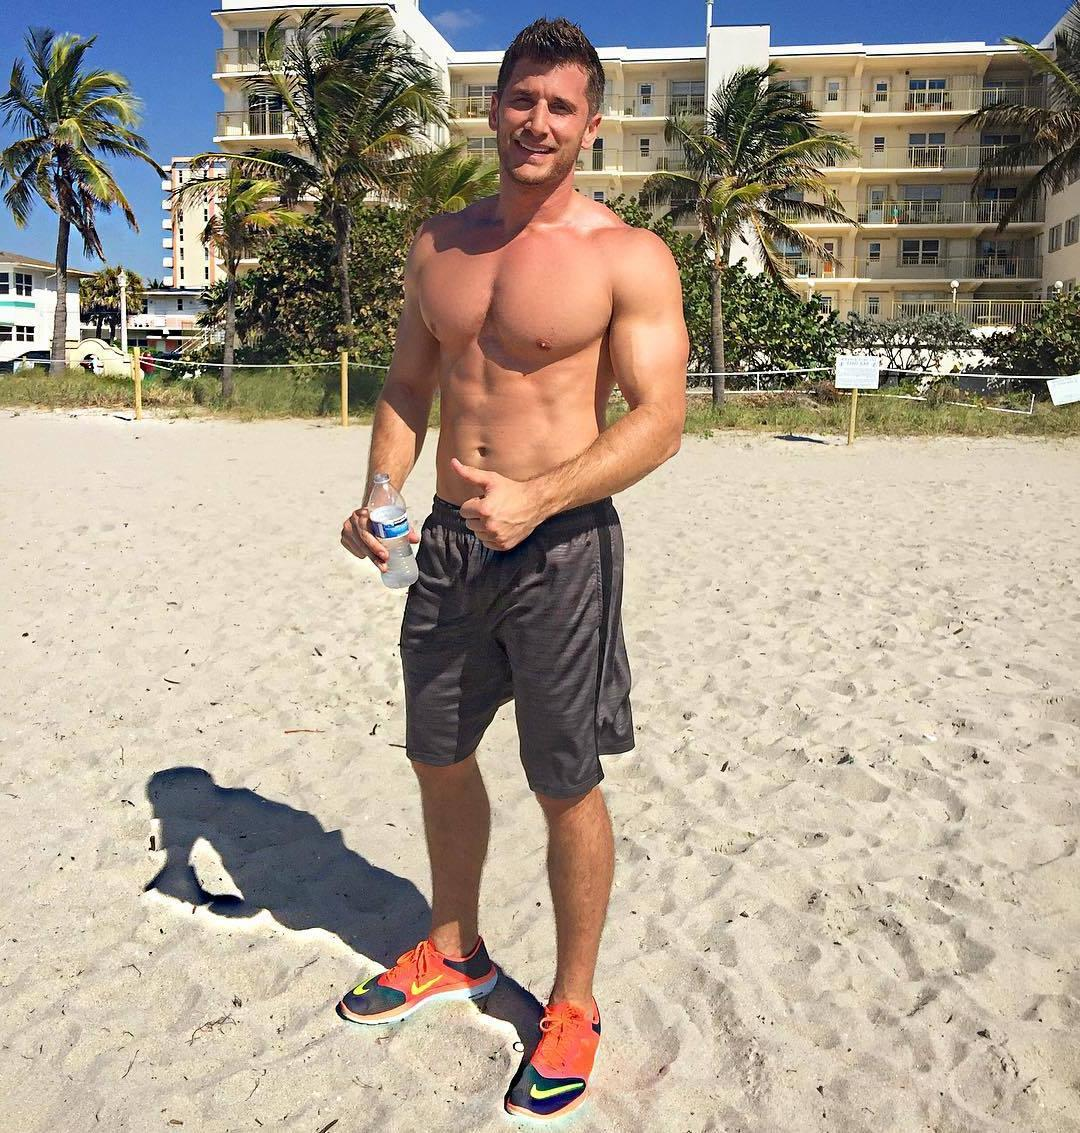 beefy-shirtless-beach-guys-smiling